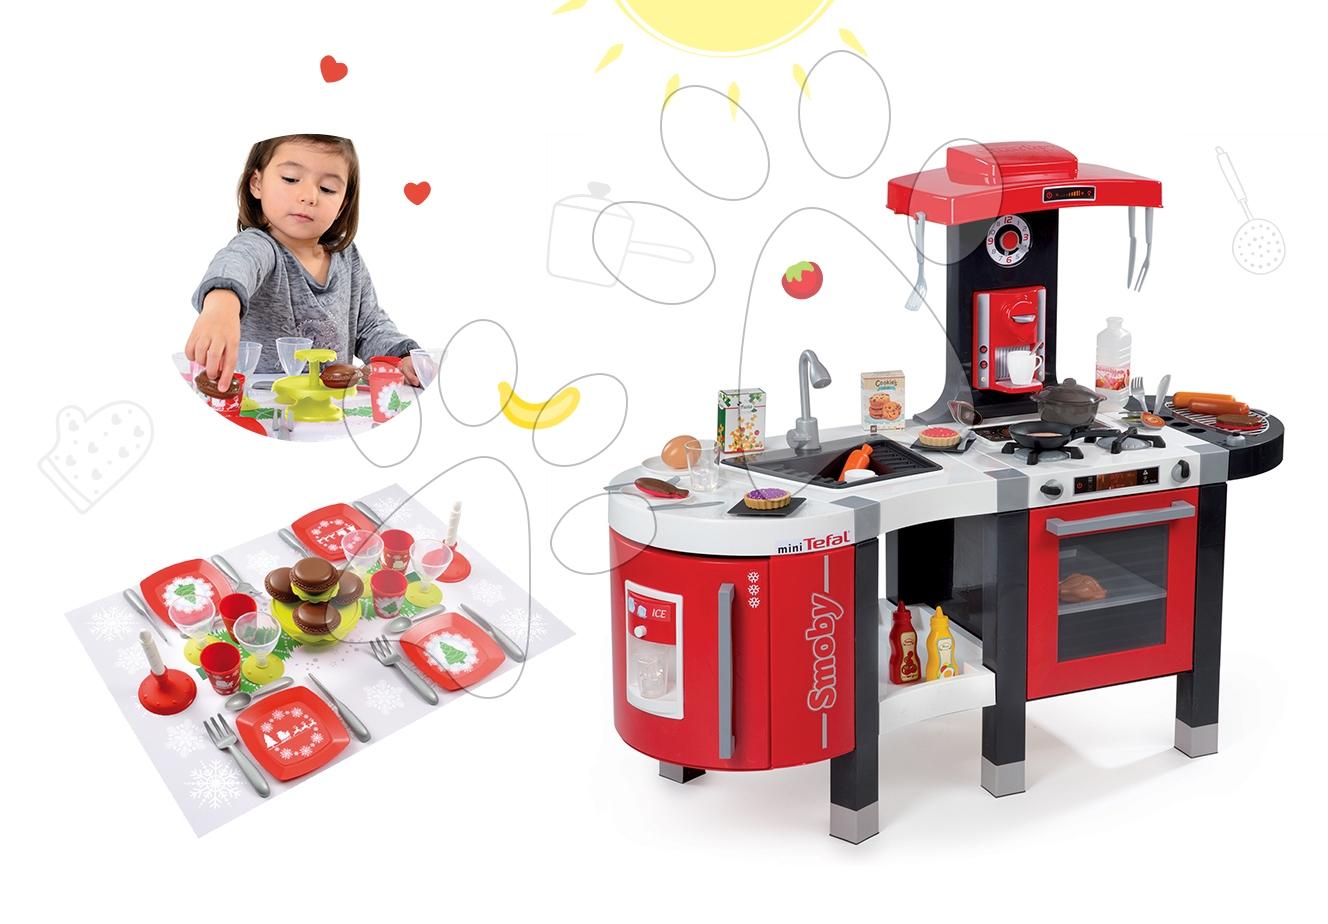 Kuchynky pre deti sety - Set kuchynka Tefal French Touch Bublinky Smoby s magickým bublaním a obedový set so sviečkami